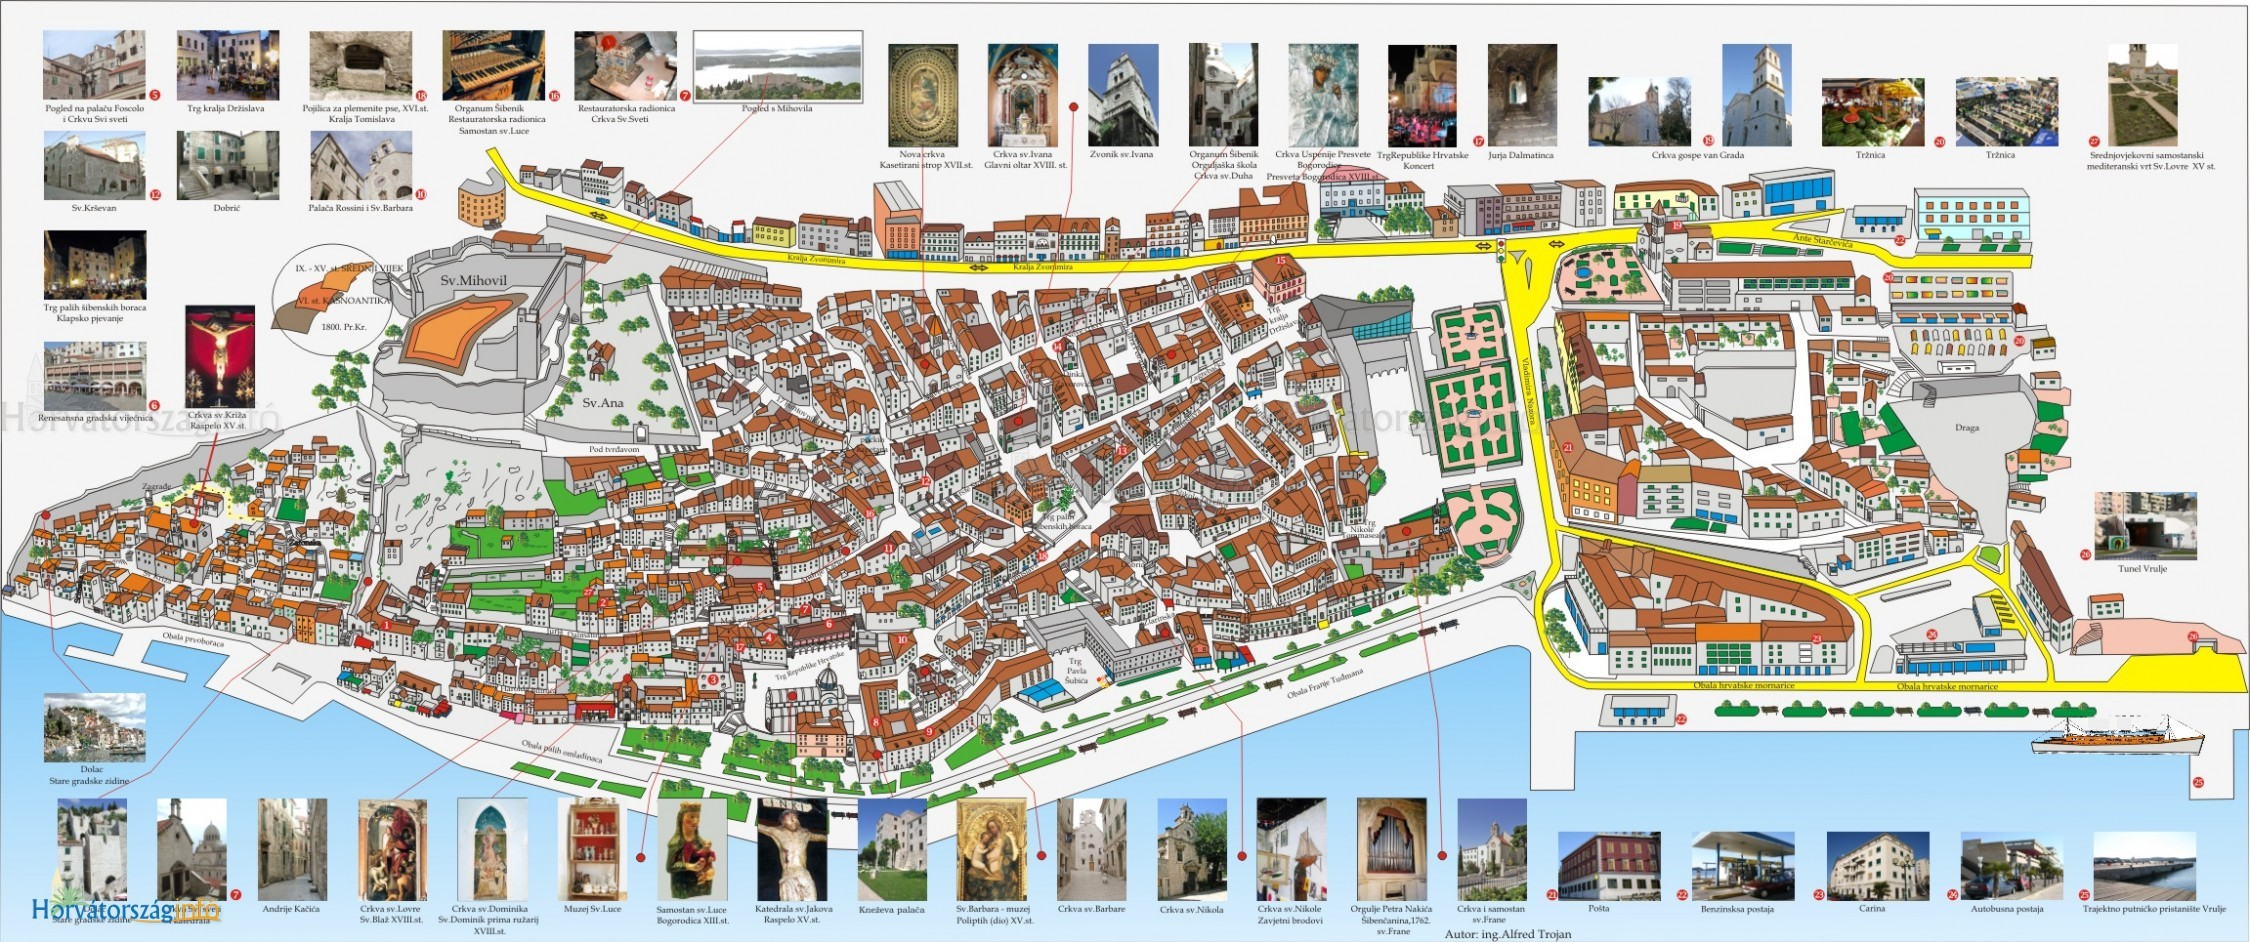 budapest látványosságai térkép Nyaralás Sibenikben? Érdekességek, programok, látnivalók budapest látványosságai térkép